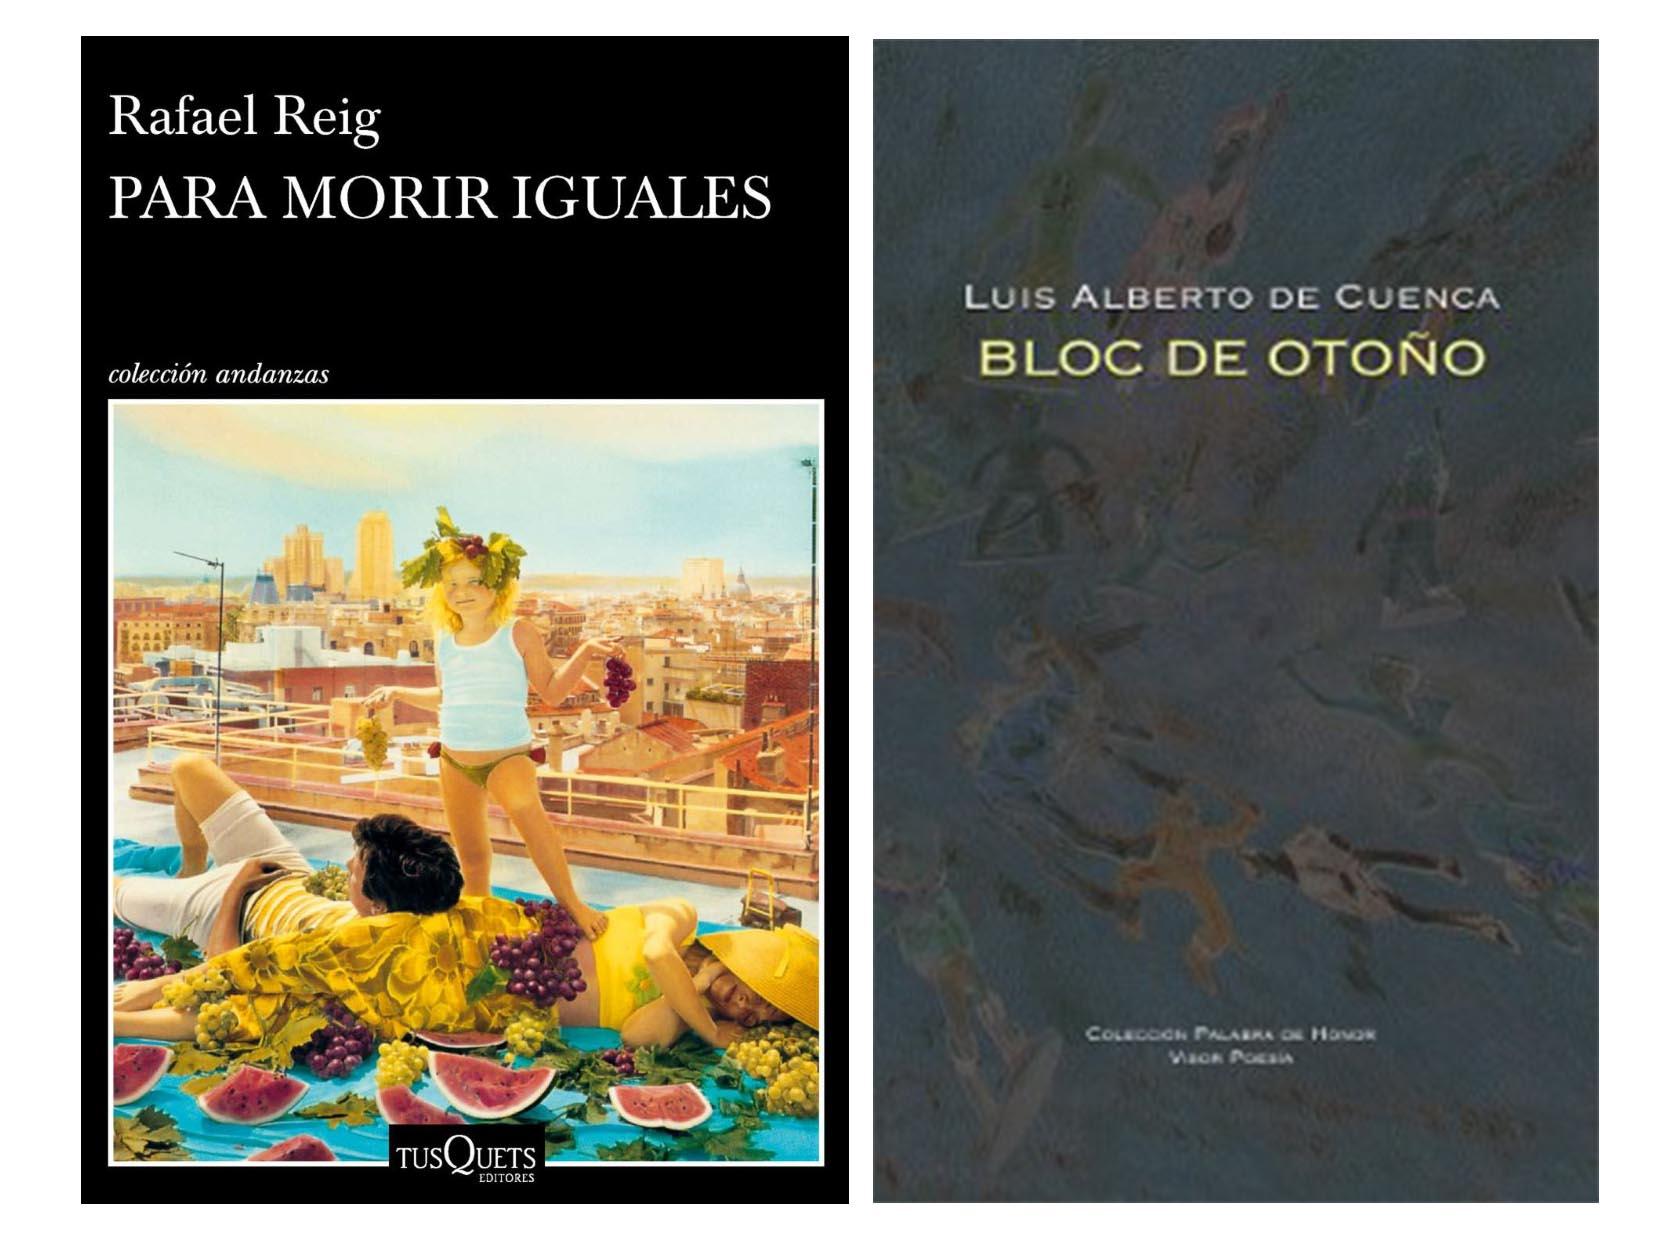 - PremioCritica2018s - Rafael Reig y Luis Alberto de Cuenca ganadores de los premios de la Crítica de Madrid 2018